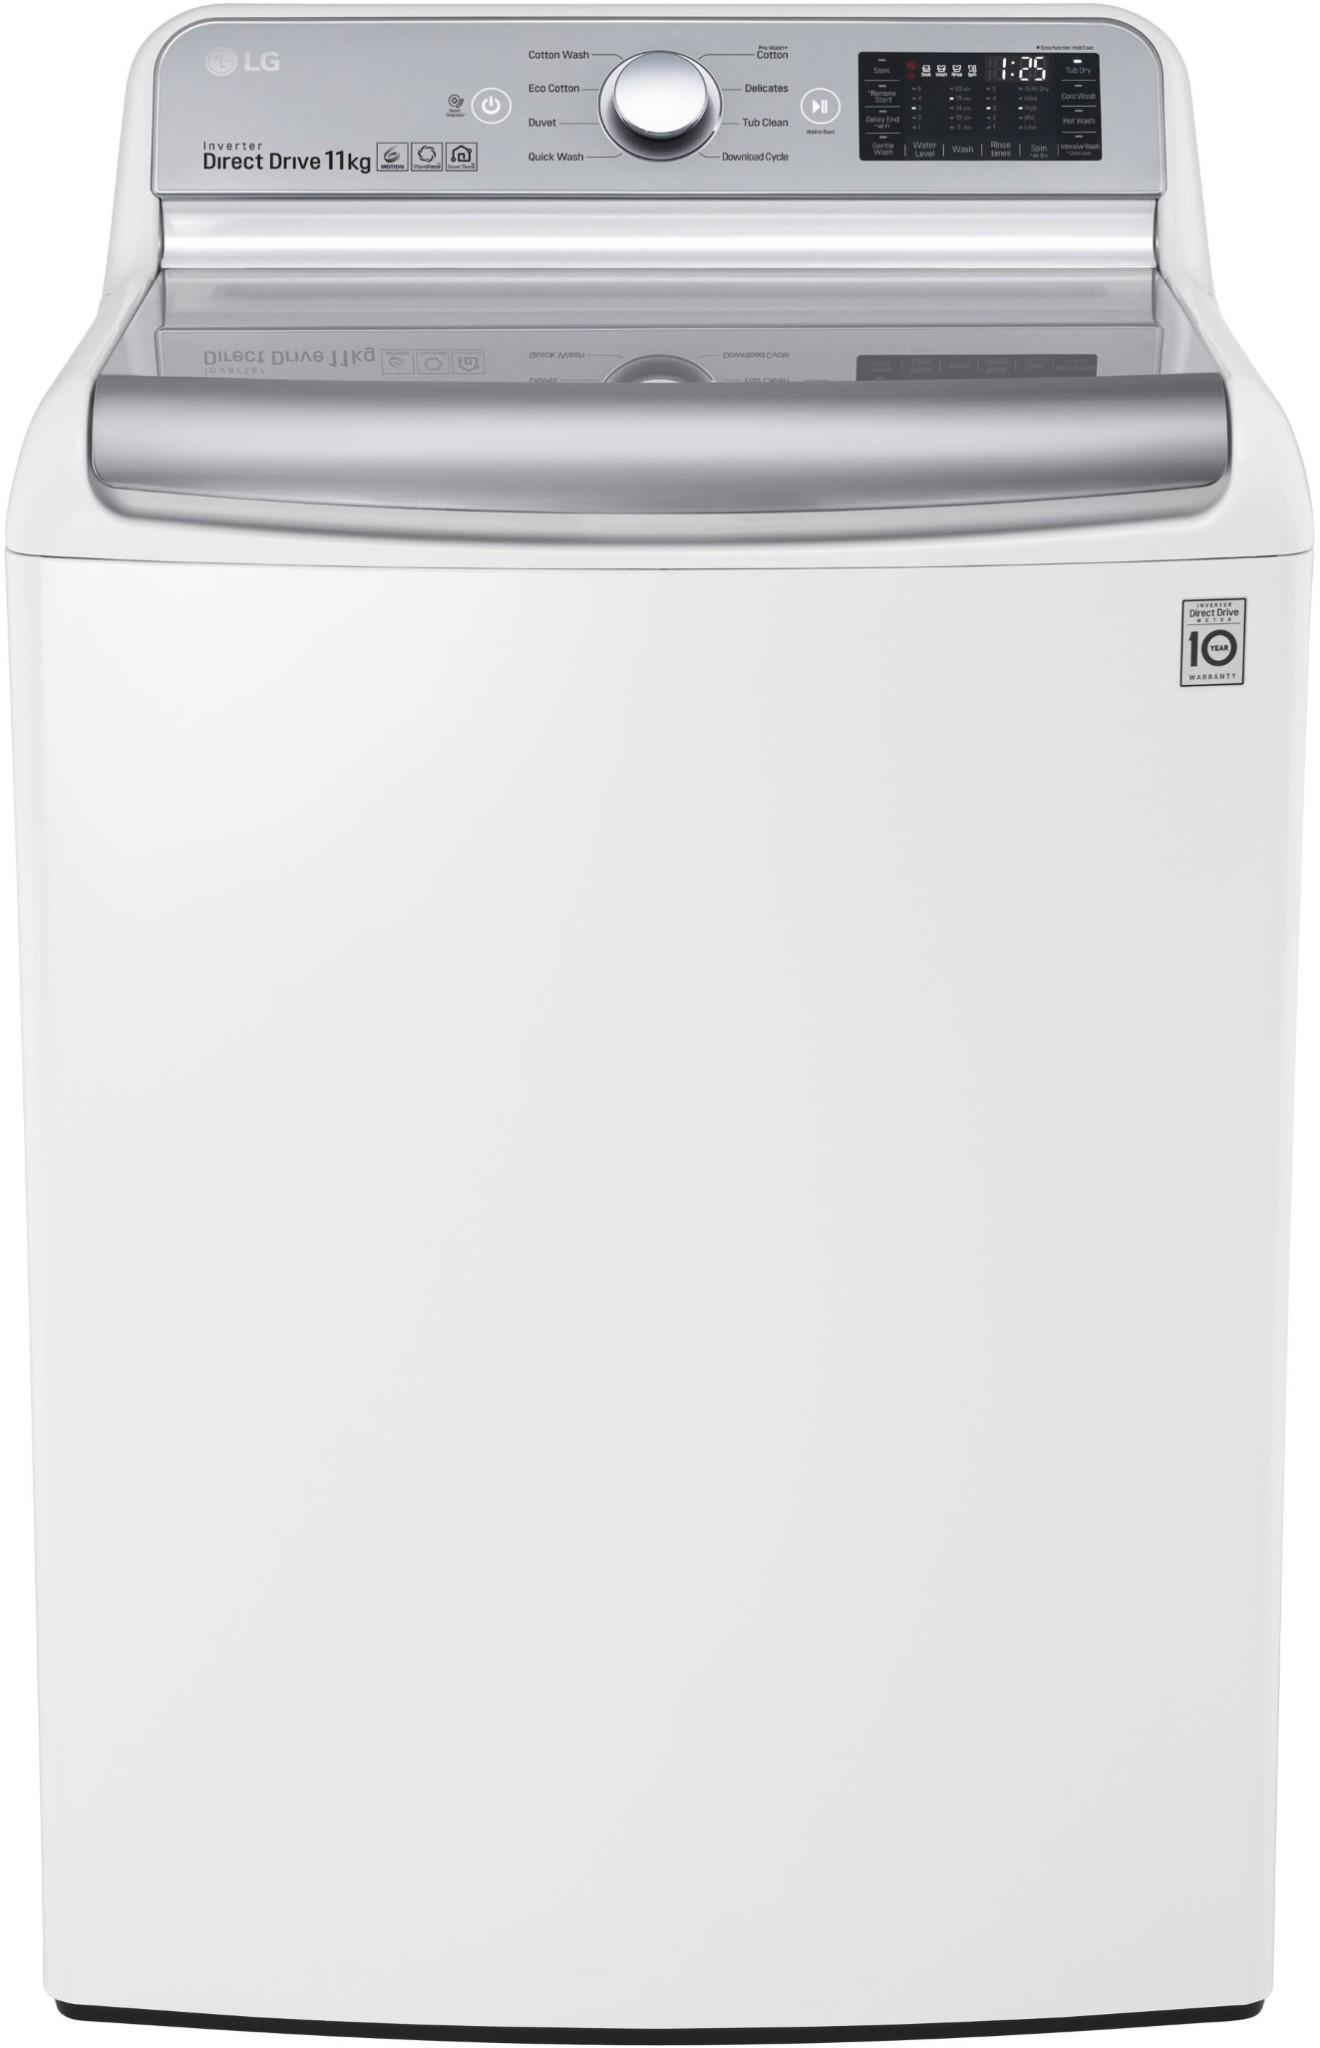 JB Education | LG WTR1132WF 11kg Top Load Washing Machine